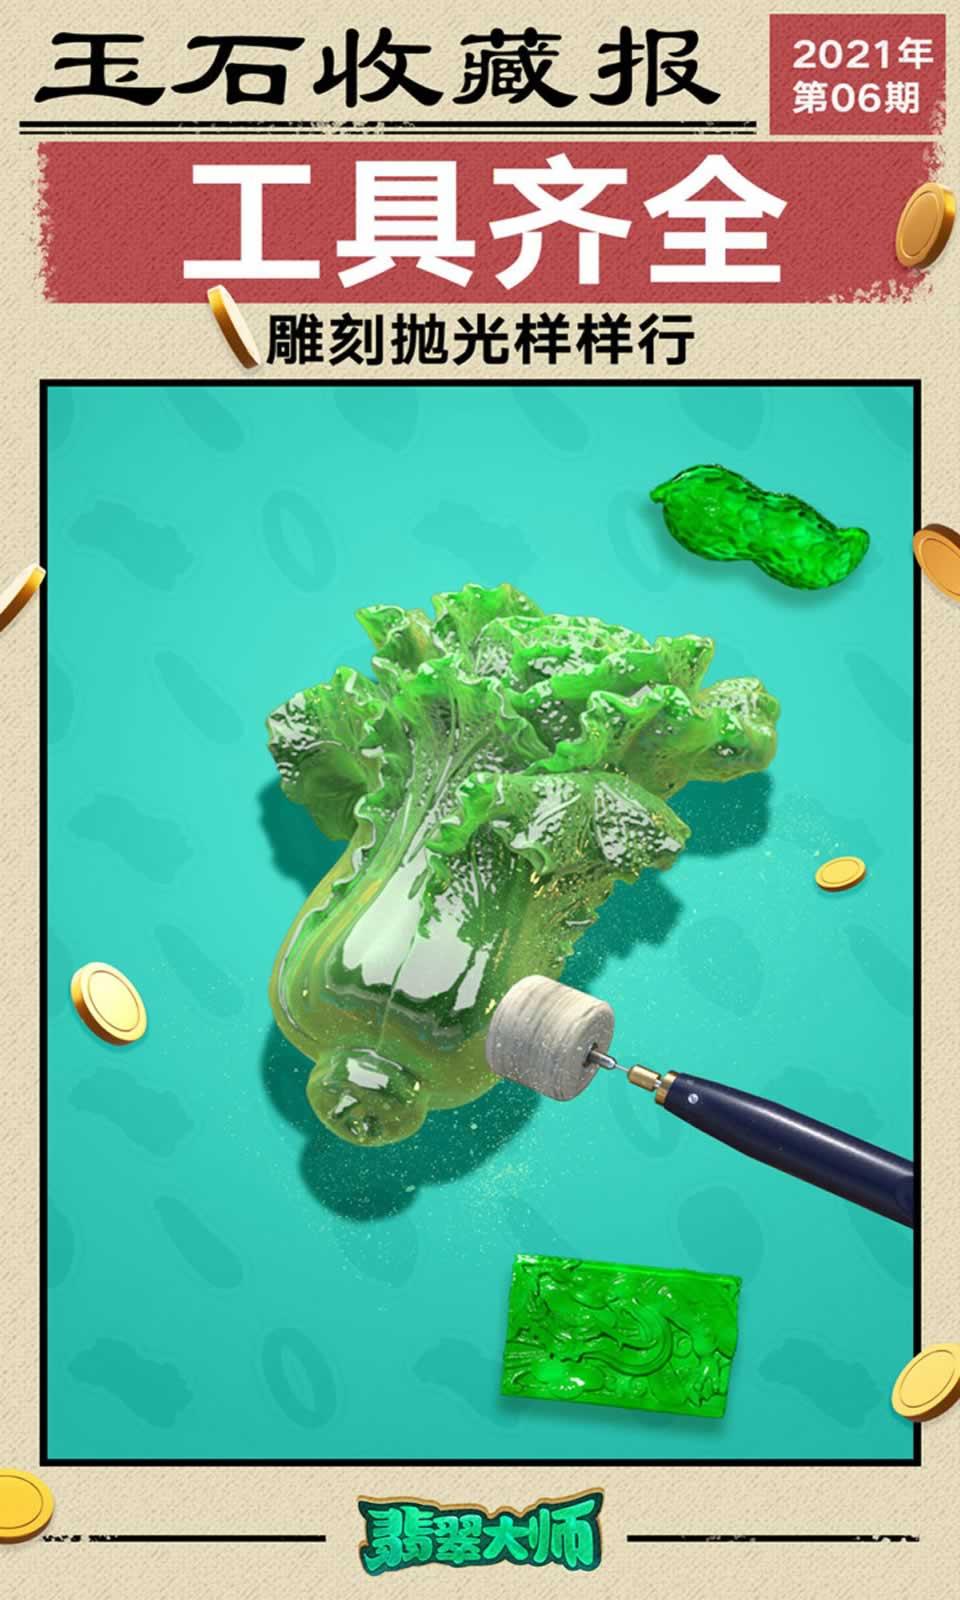 抖音翡翠大师ios存档最新破解版图3: